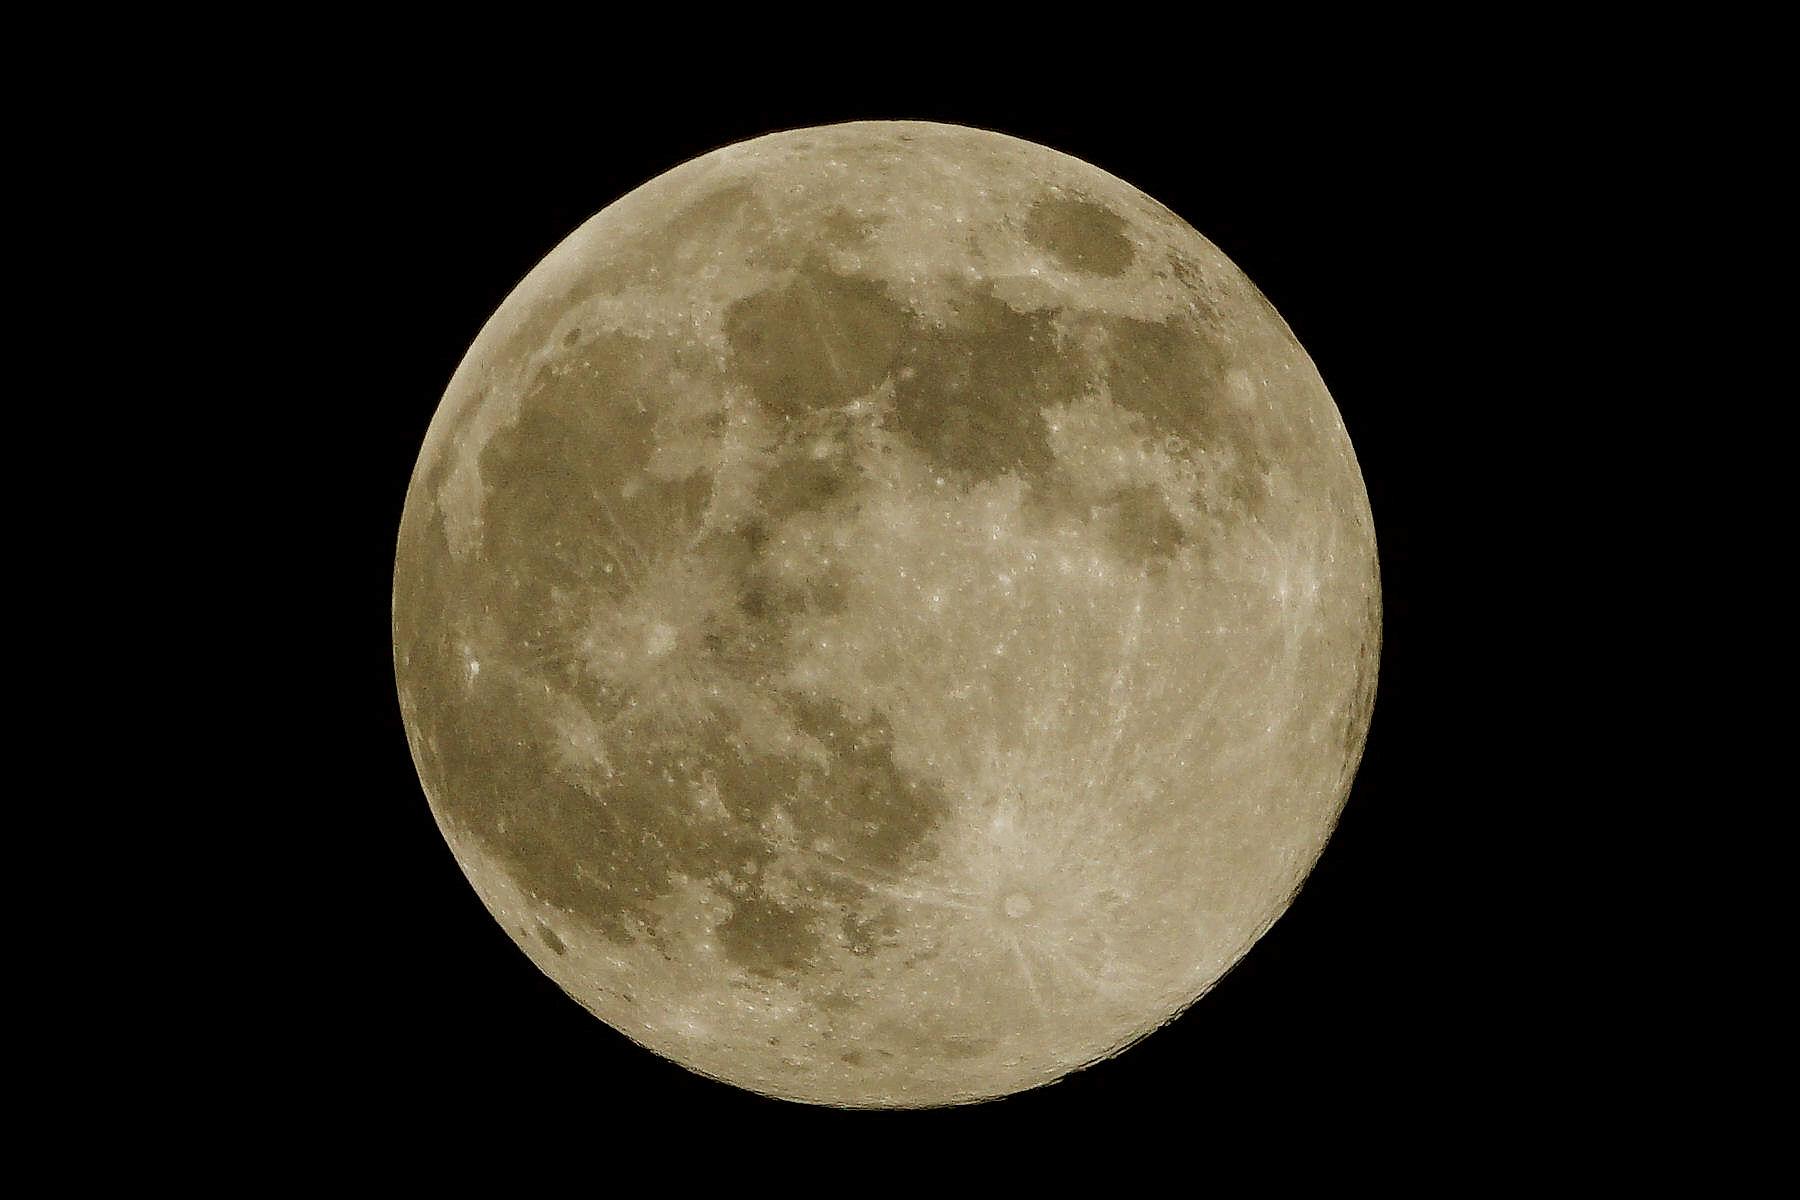 Lune coloriséet